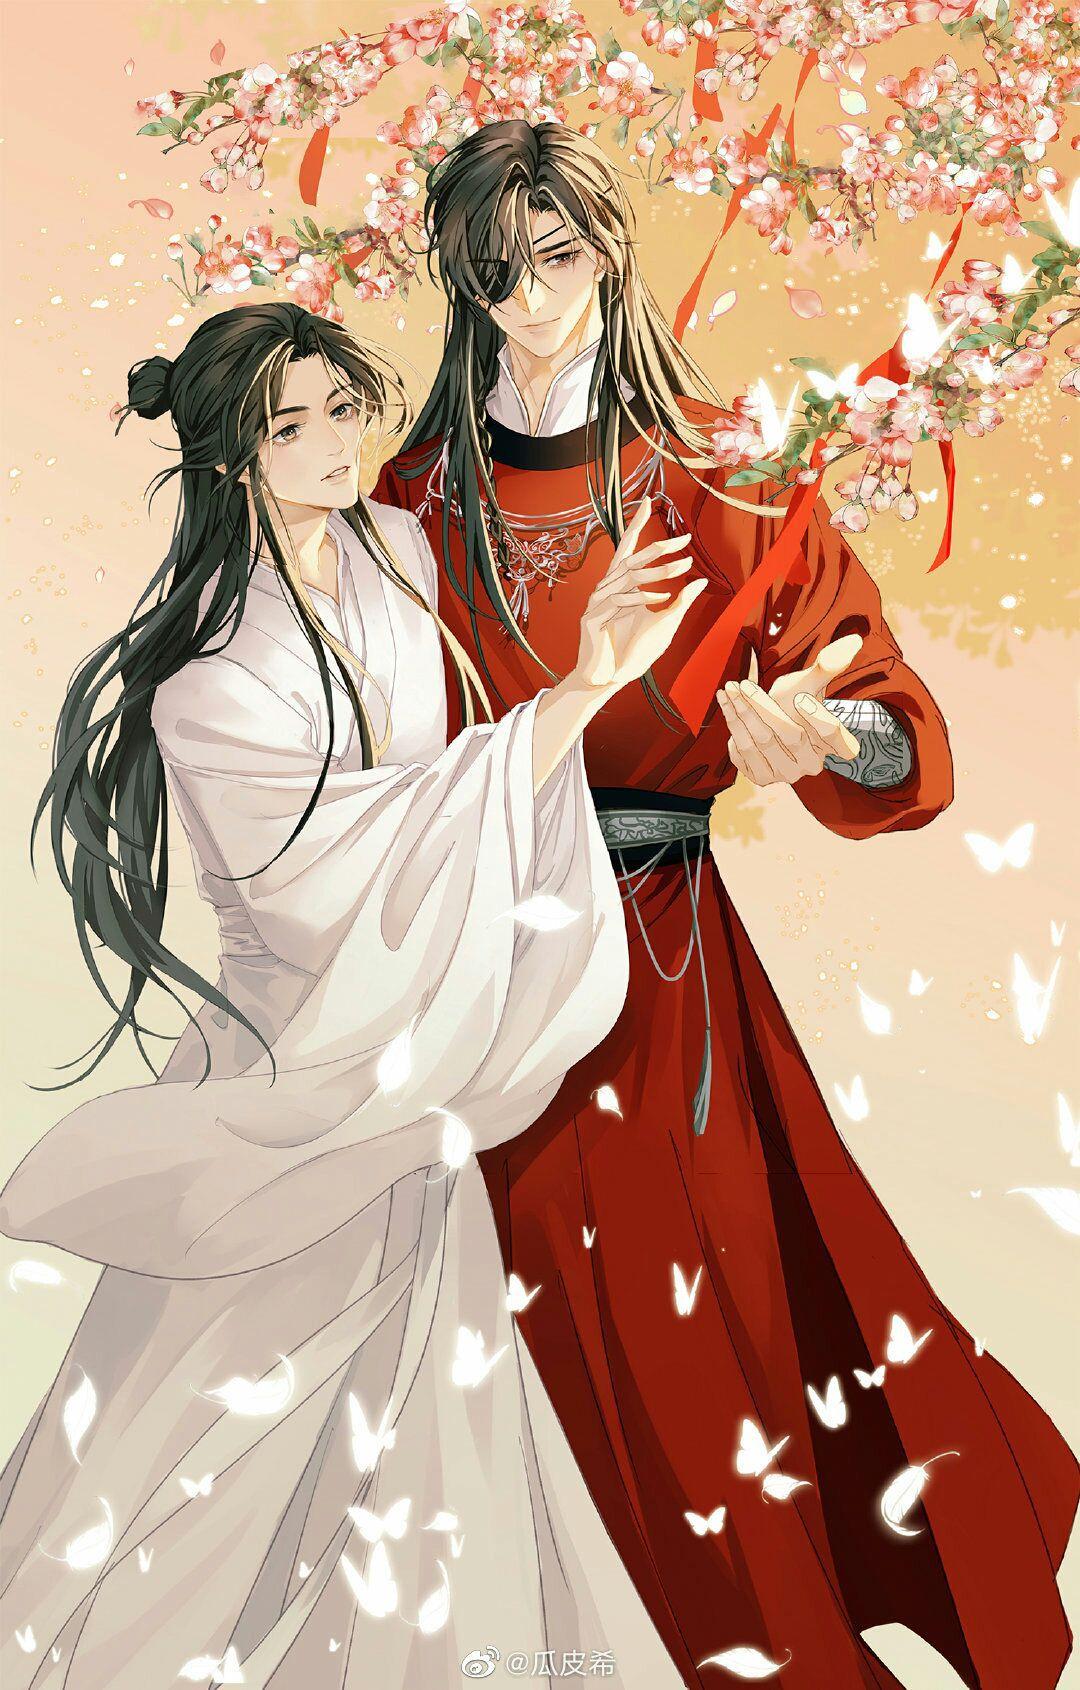 Book(1,2,3)ကောင်းကင်ဘုံအရာရှိ၏ ကောင်းချီးမင်္ဂလာ - အခန်း ၁၅၄(အဘယ်ကြောင့် ရွှီးလီမဟုတ်၊အဘယ်ကြောင့် ကျင့်ဝမ်မဟုတ်)